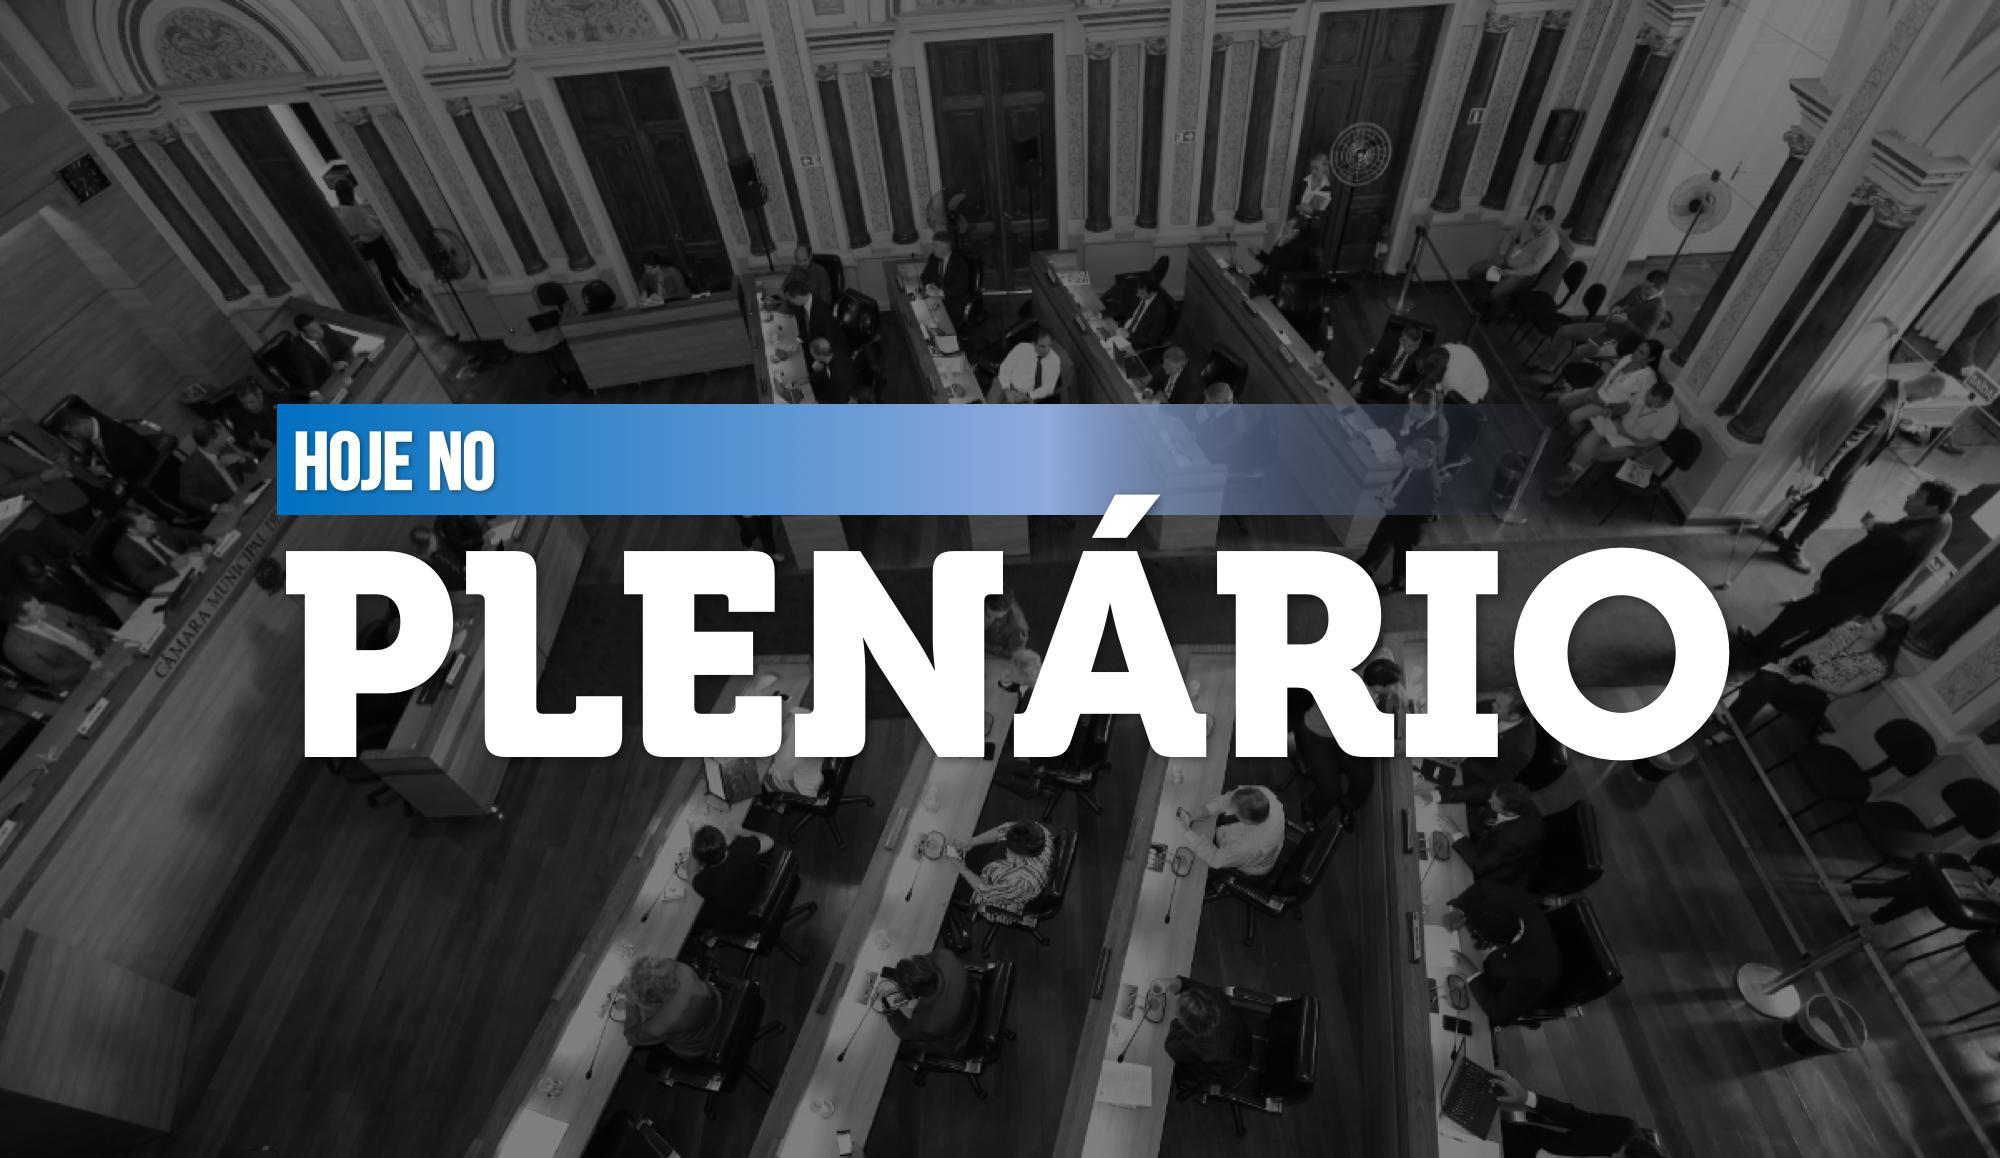 Notas da sessão plenária de 4 de agosto